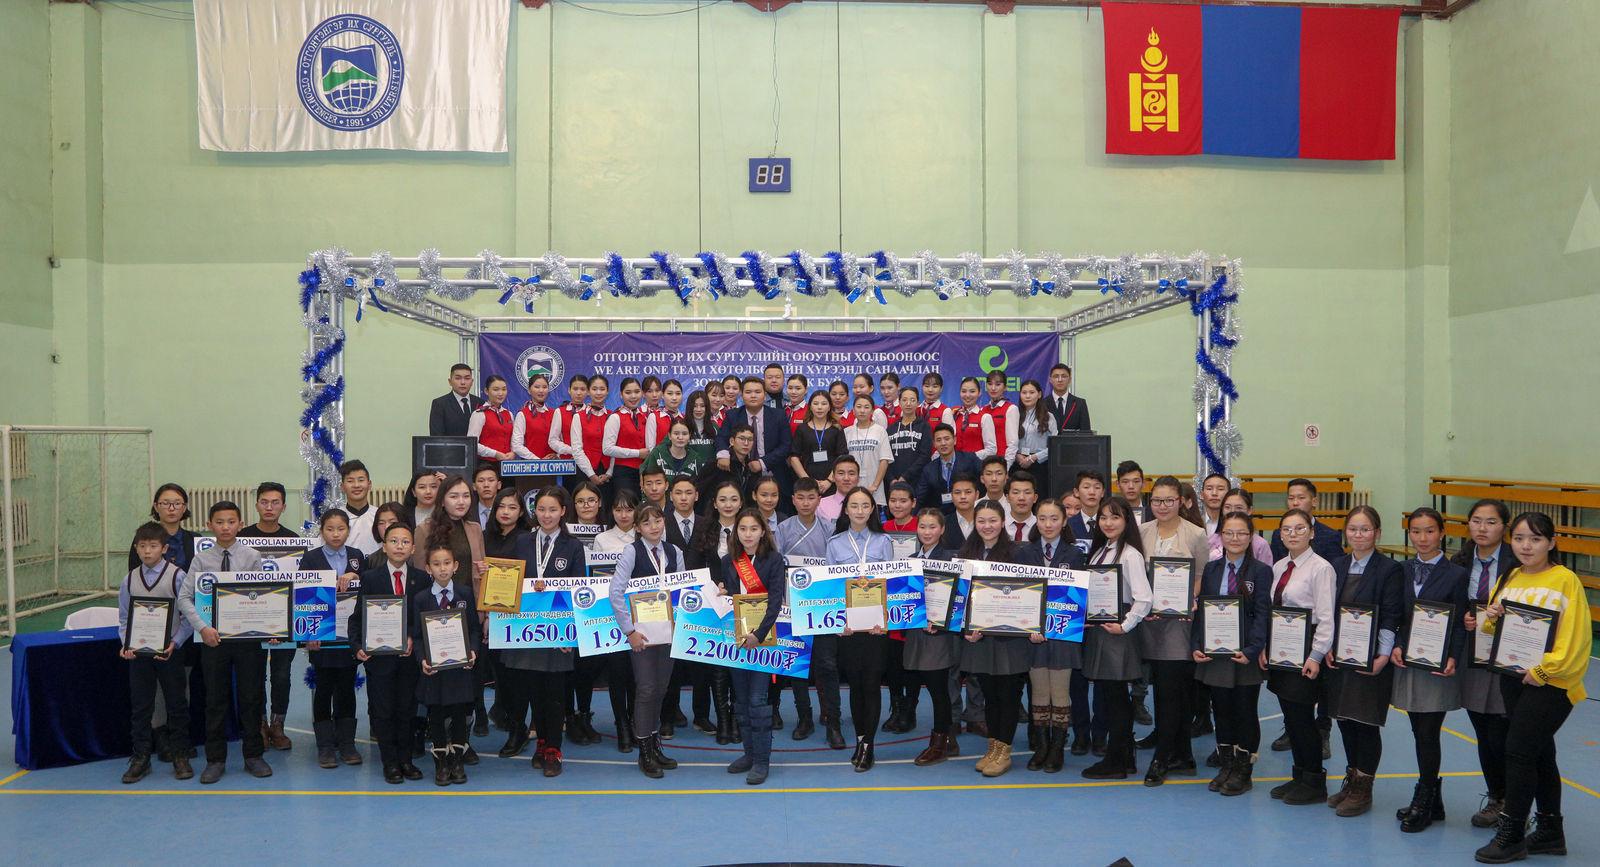 Отгонтэнгэр их сургууль Үндэсний хэмжээний илтгэлийн тэмцээнийг амжилттай зохион байгууллаа